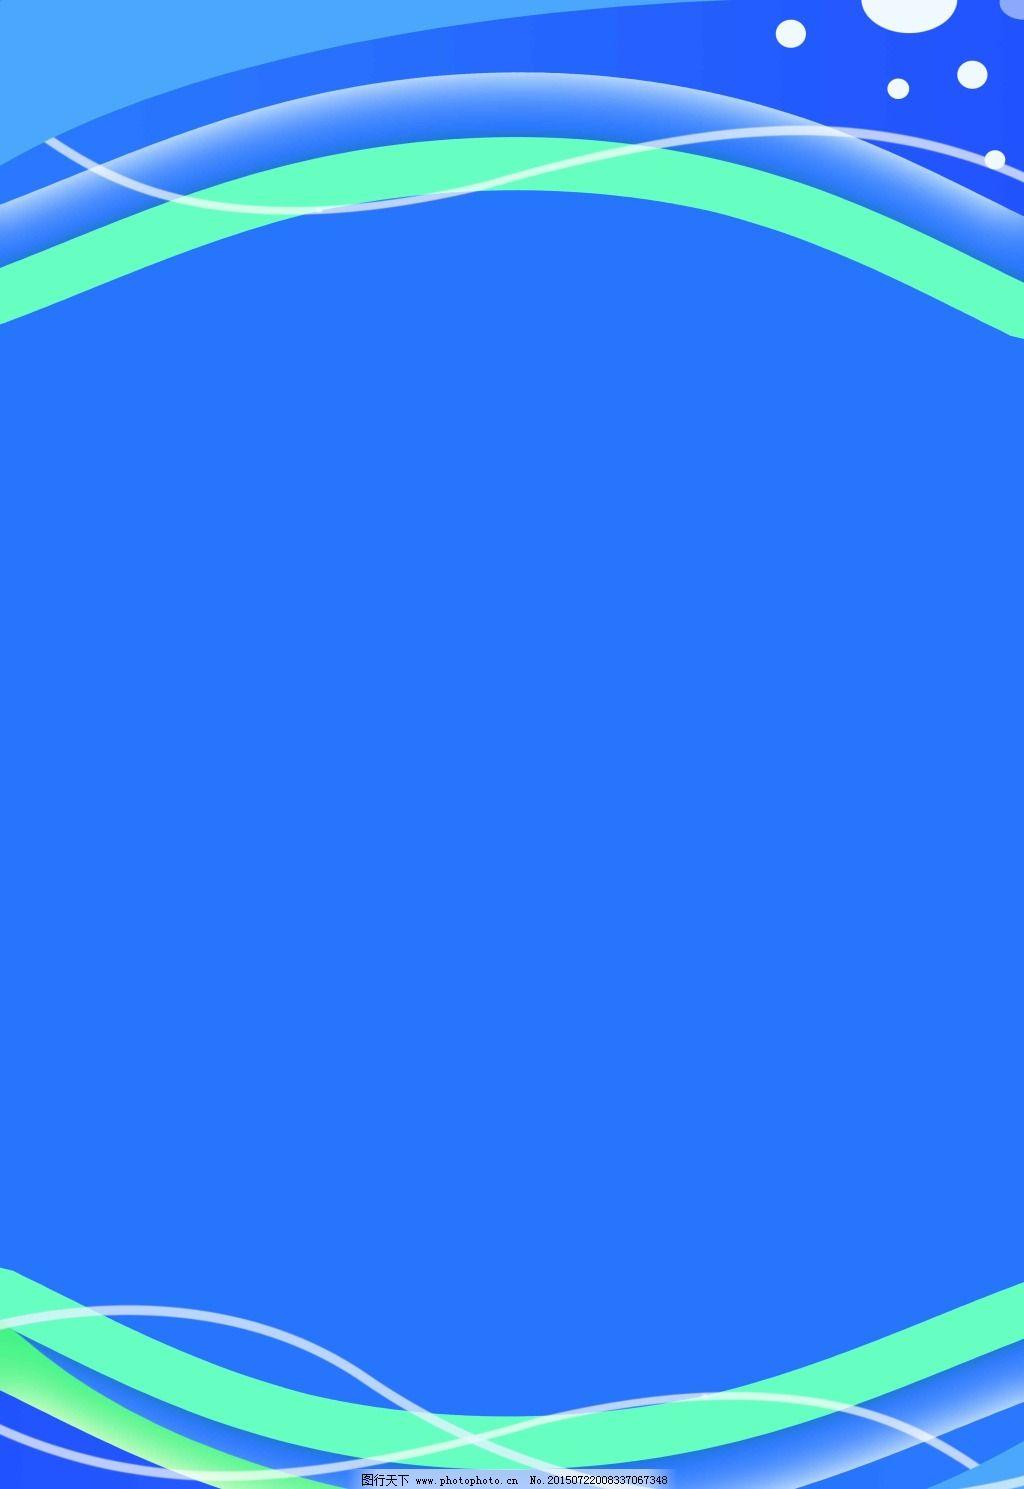 蓝色展板免费下载 蓝色背景 蓝色模板 蓝色展板 模板设计 蓝色展板